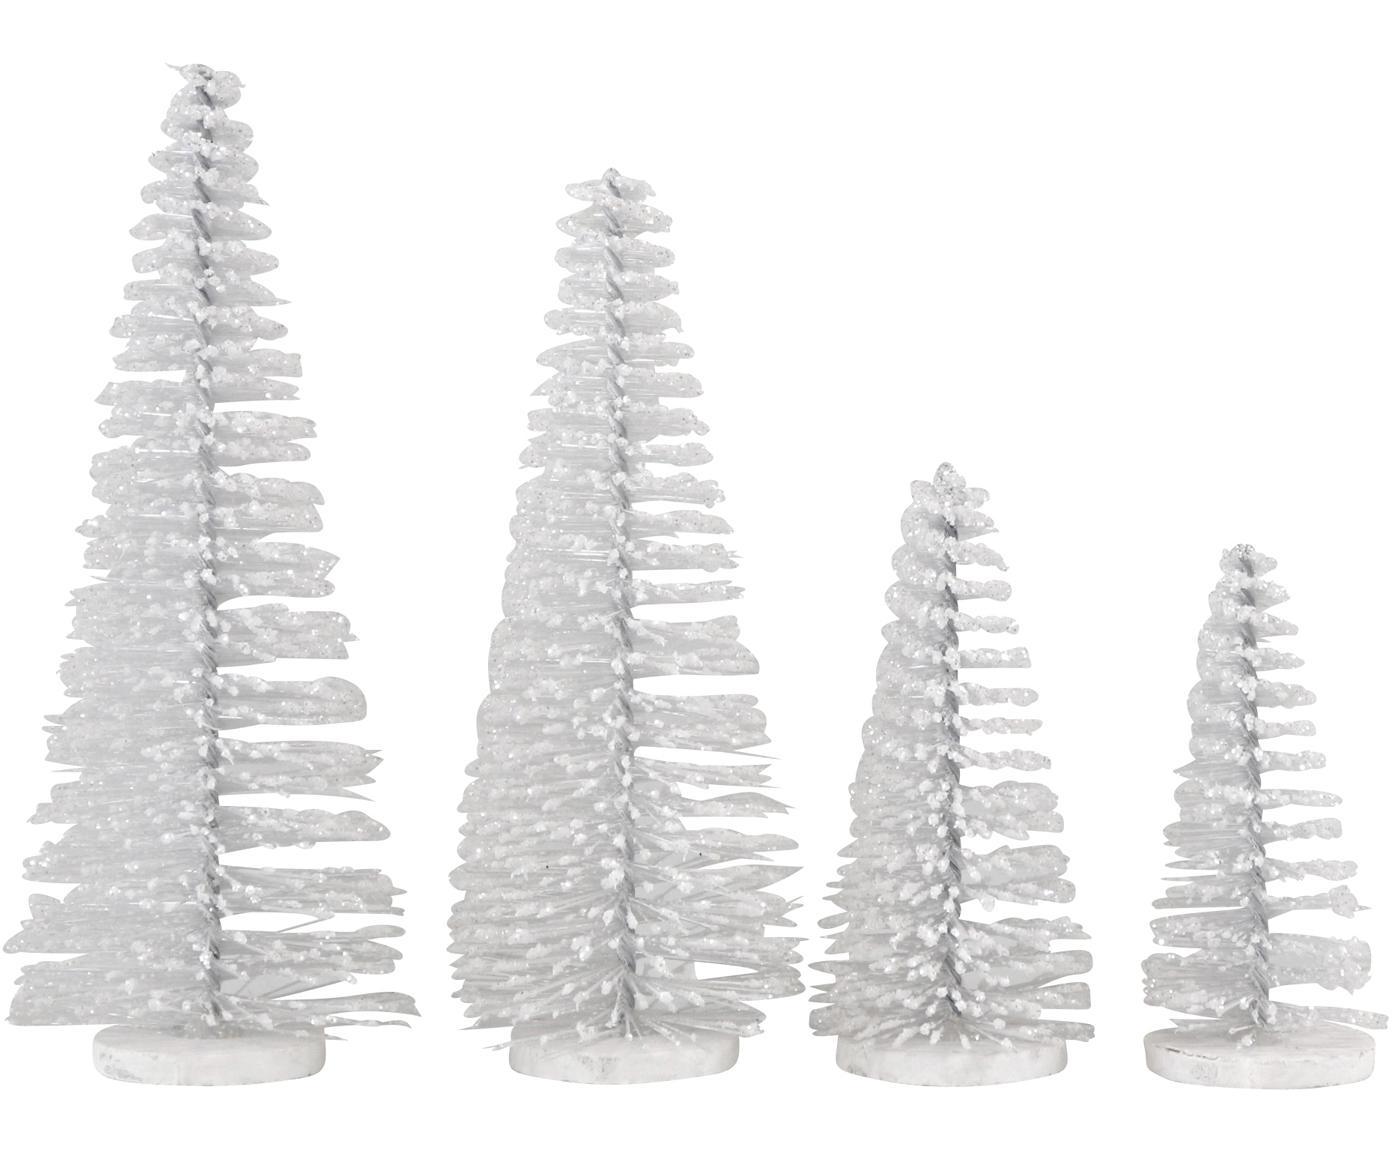 Set de piezas decorativa Glam, 4pzas., Plástico, metal, Blanco, Set de diferentes tamaños